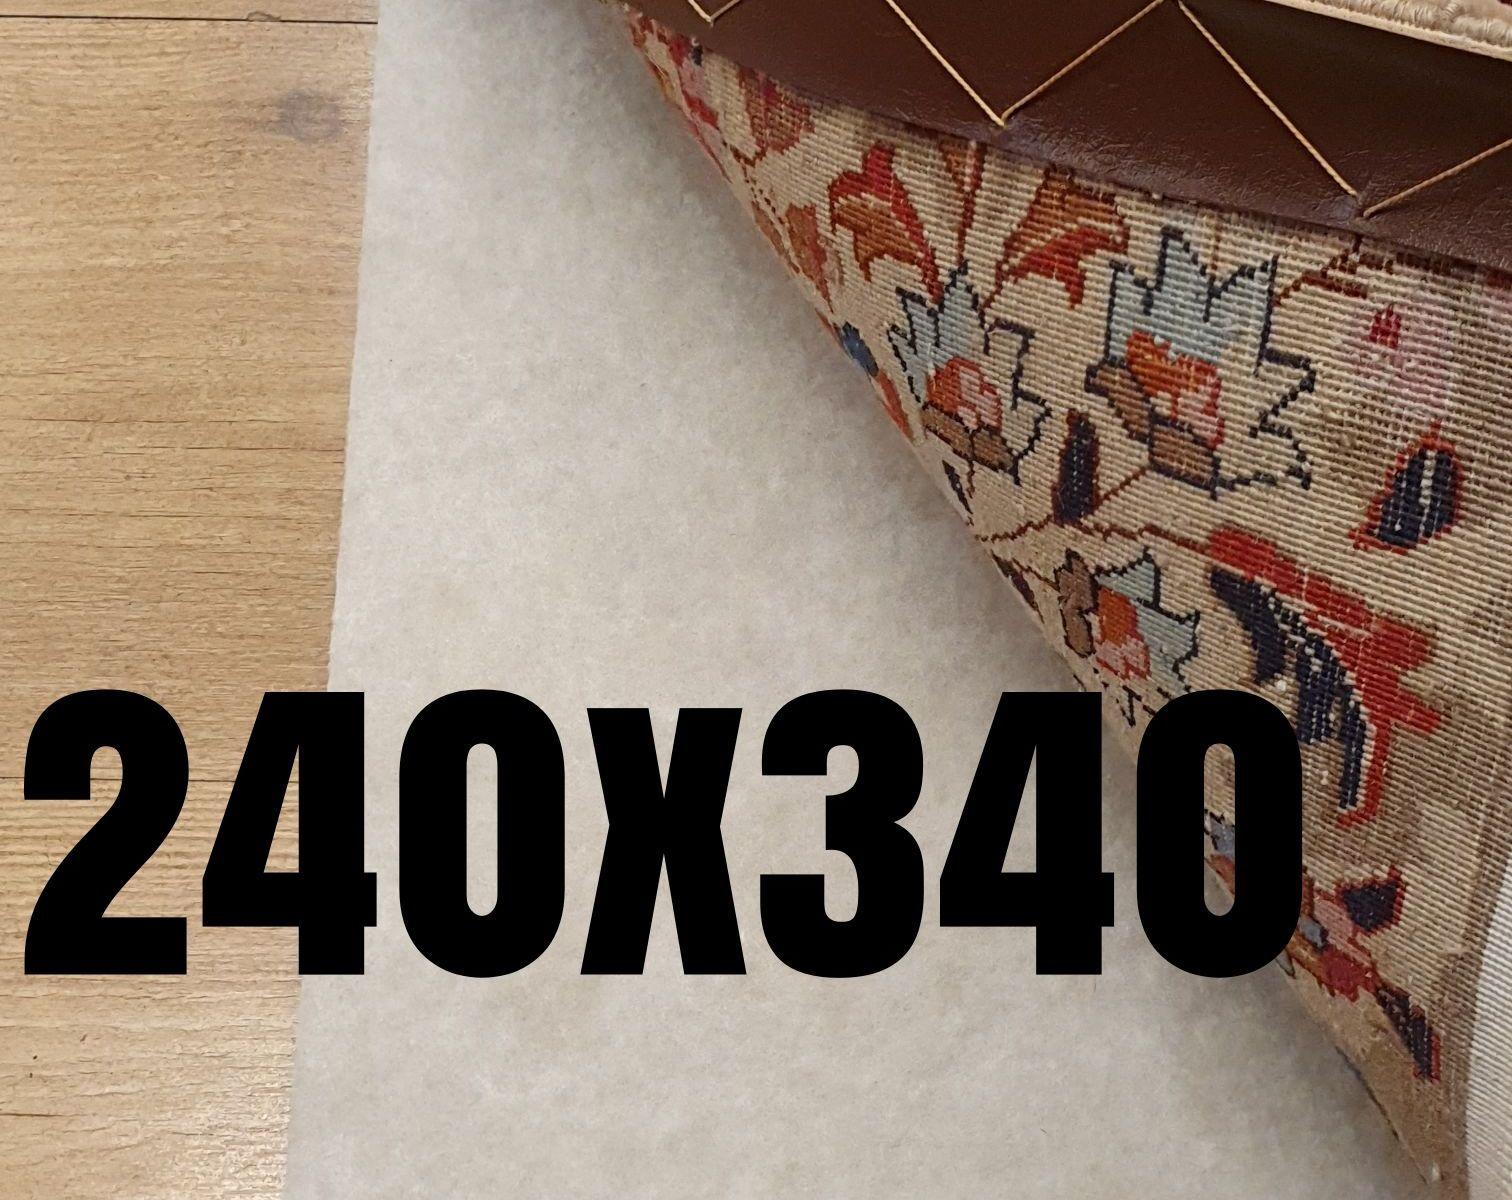 Anti slip tapijt vintageperzen 240x340